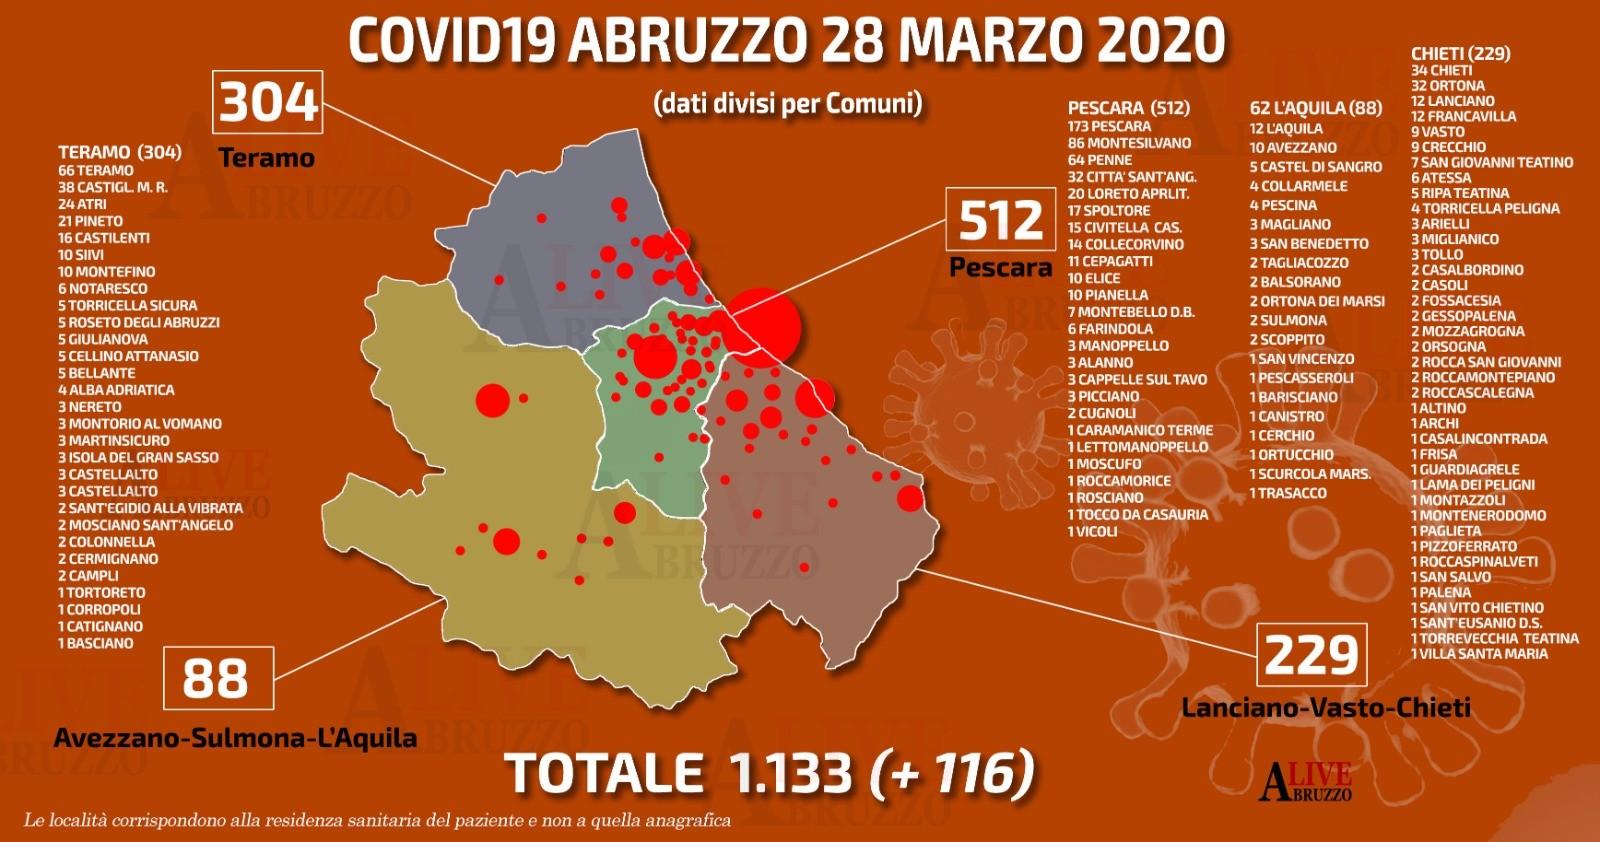 Cartina Geografica Provincia Di Teramo.Covid19 Abruzzo Mappa Comune Per Comune Il Martino